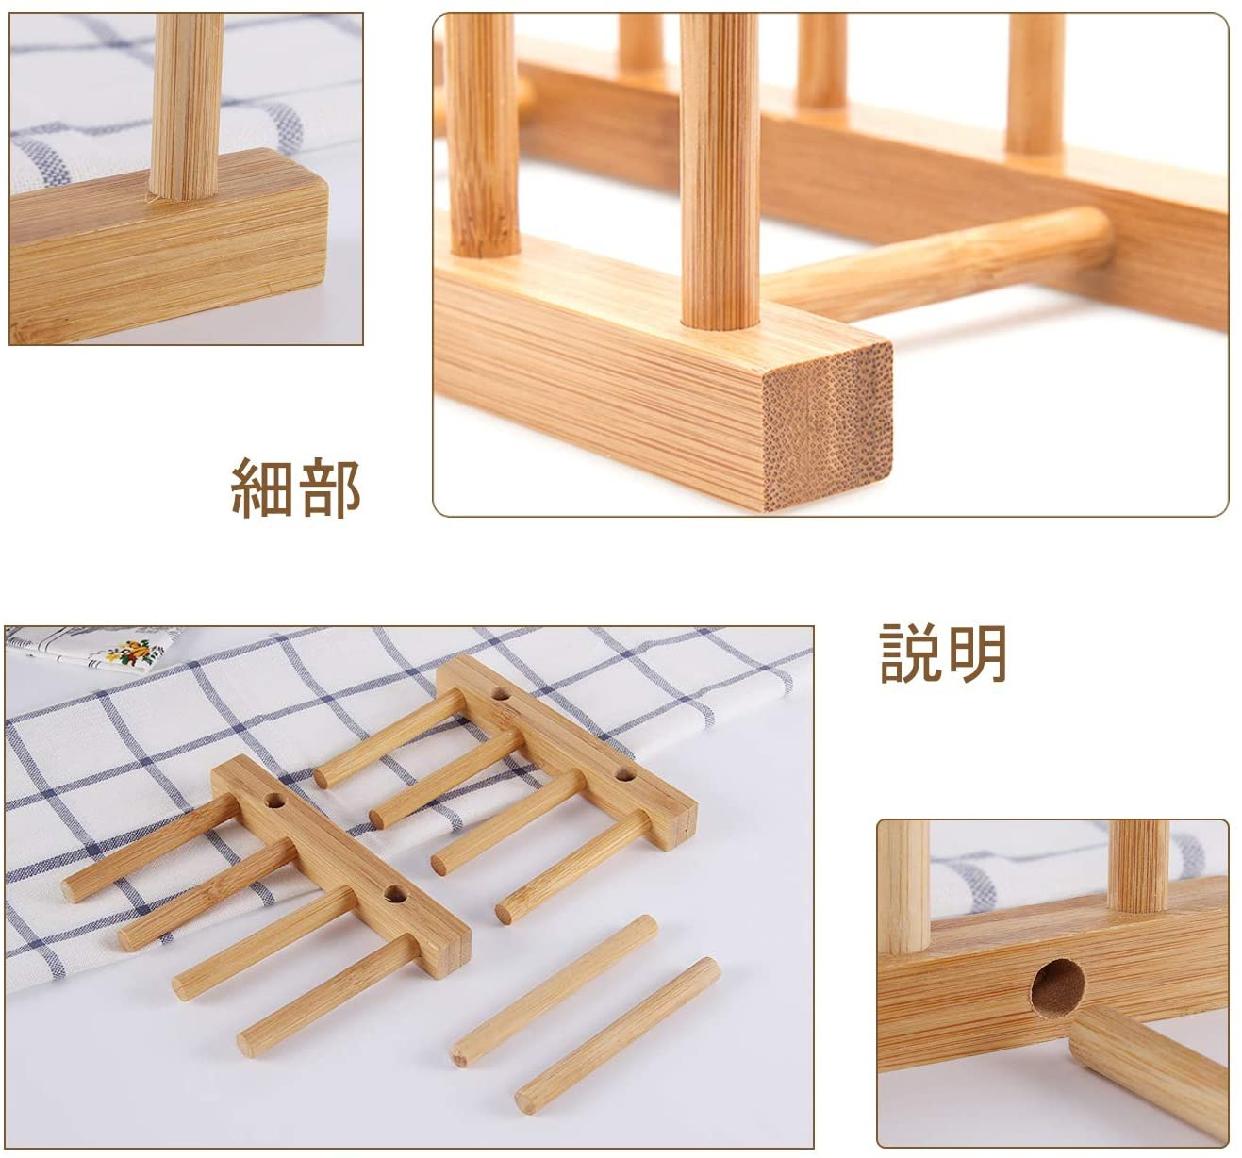 JOUDOO ディッシュスタンド ブラウン ZBJ001の商品画像5